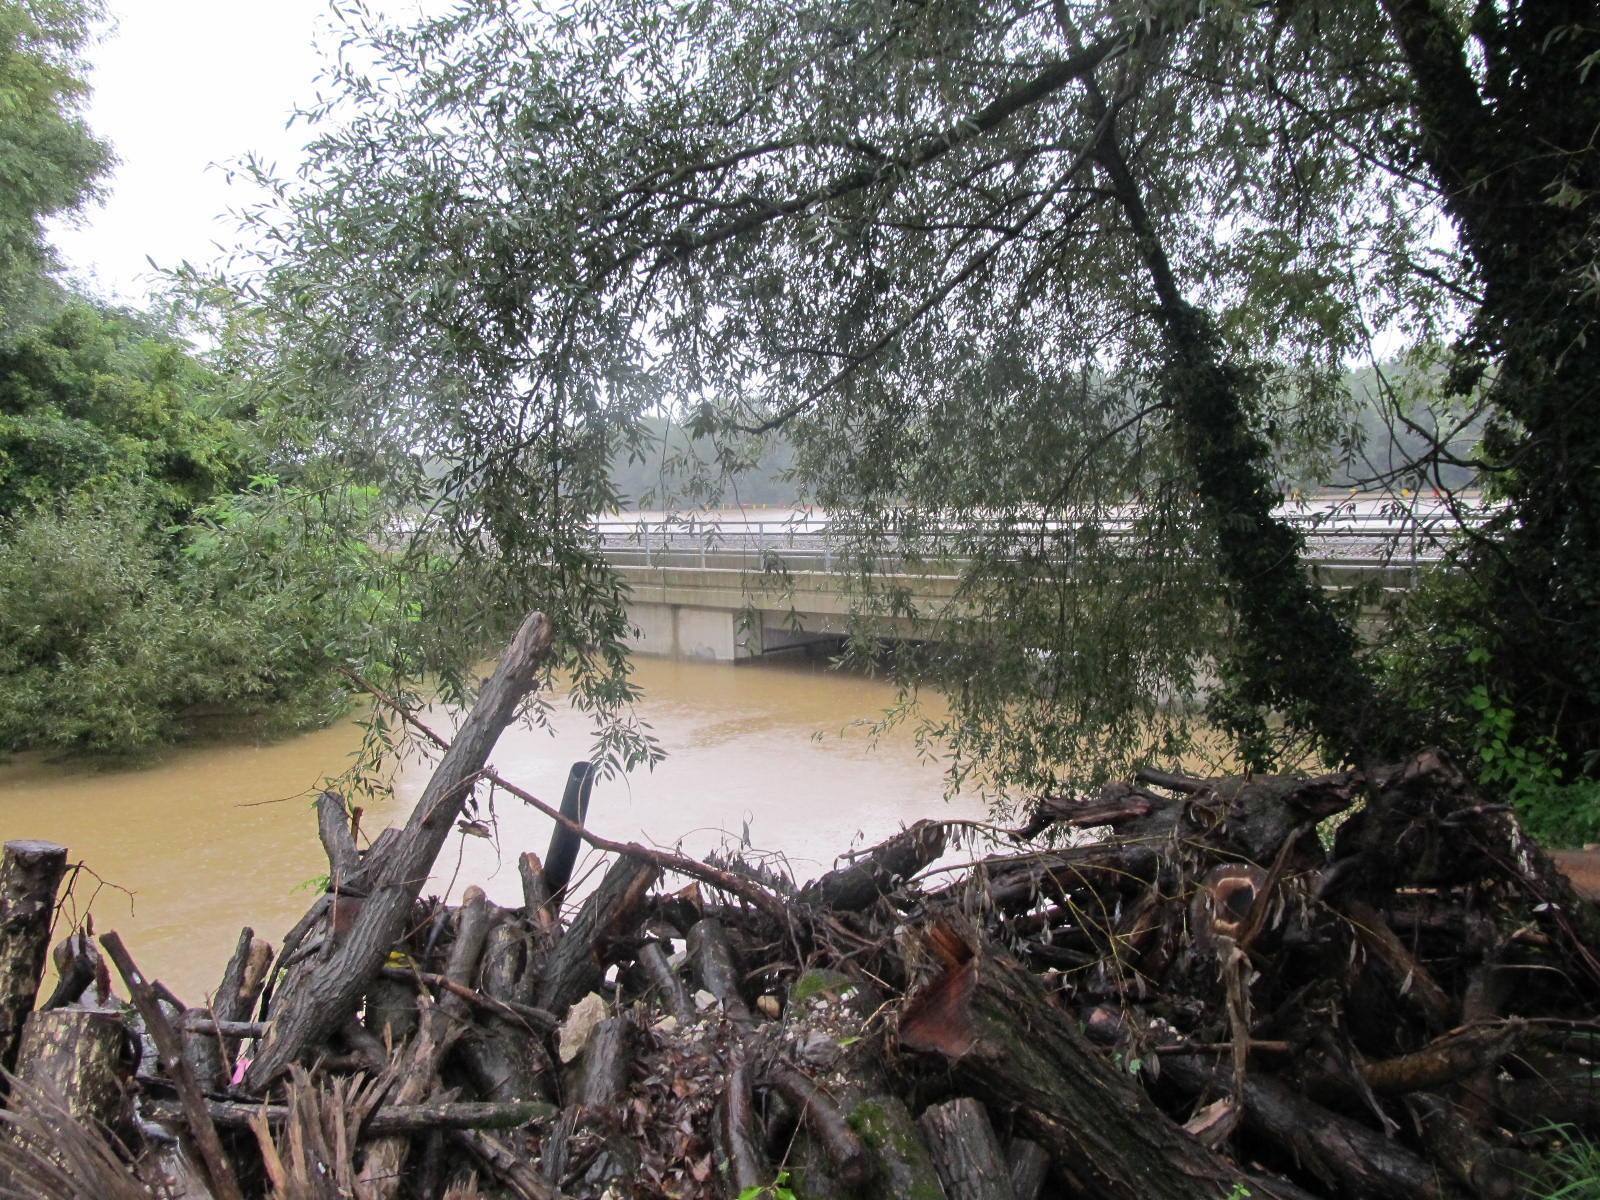 Poplave tudi Ormoškemu koncu niso prizanesle